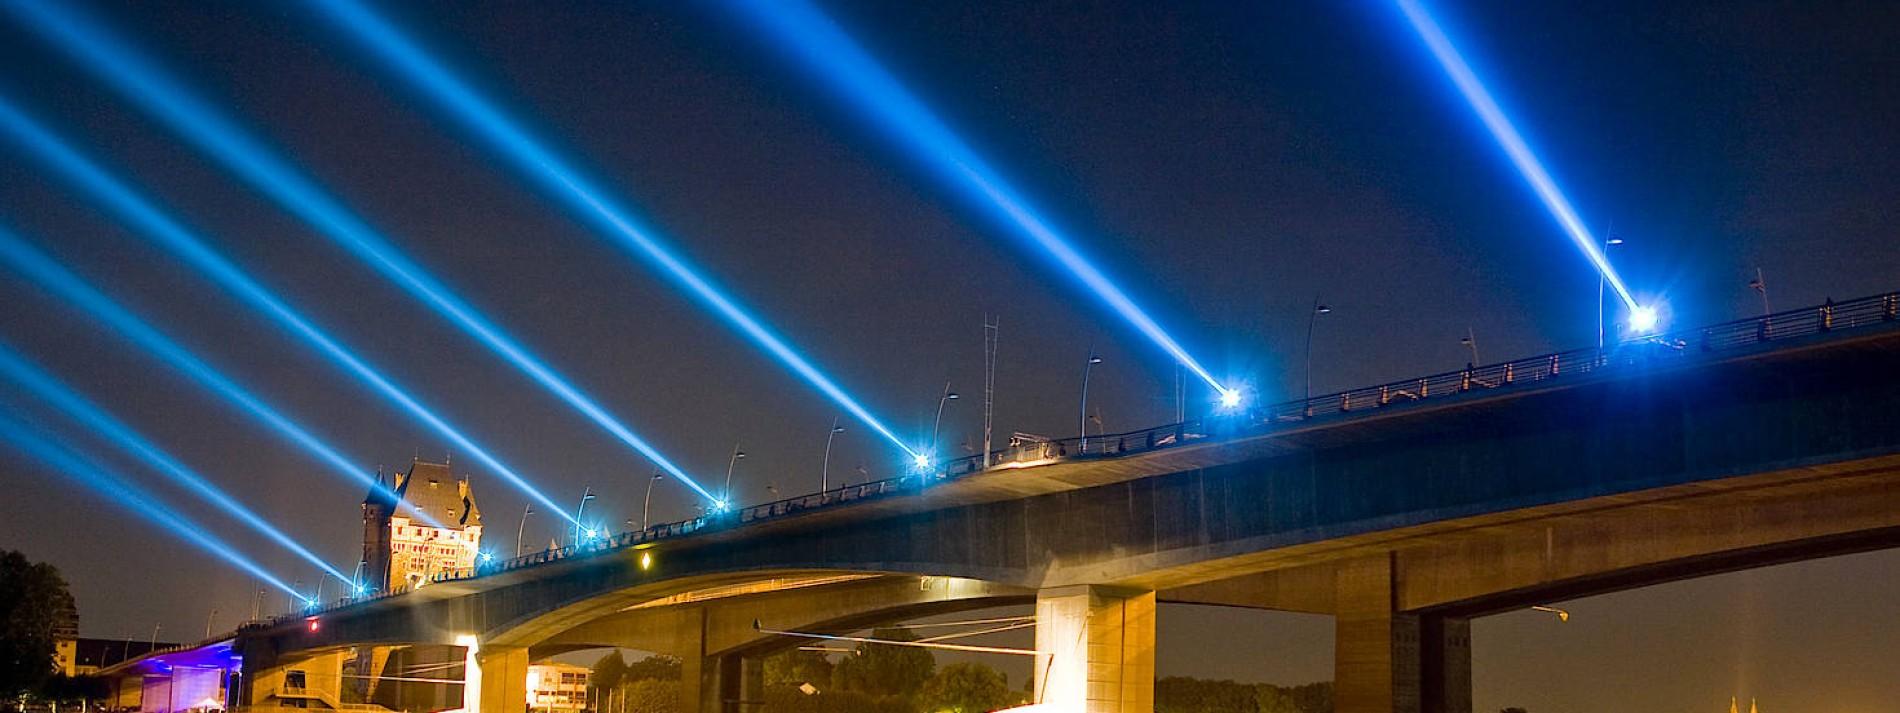 Himmelsscheinwerfer sollen zeitweise verboten werden